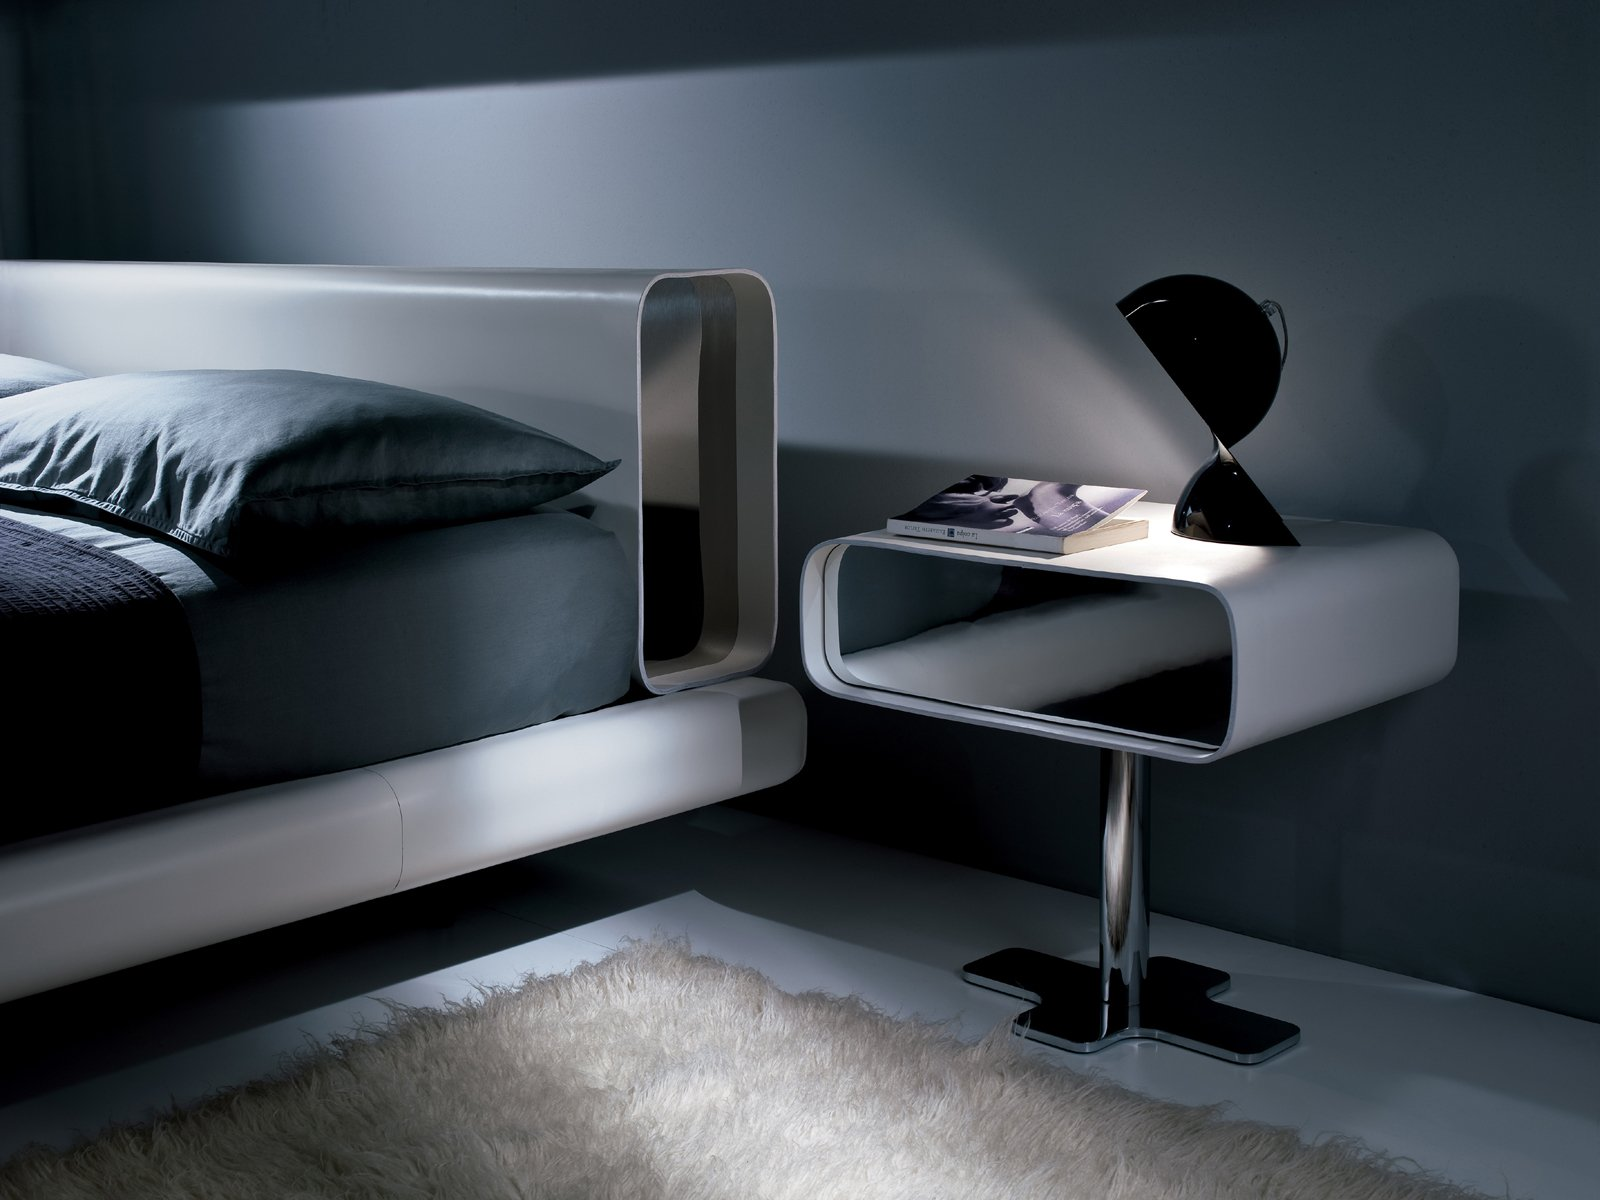 Table de nuit en bois massif avec tiroirs collection tube by i 4 mariani de - Lit avec table de nuit incorporee ...